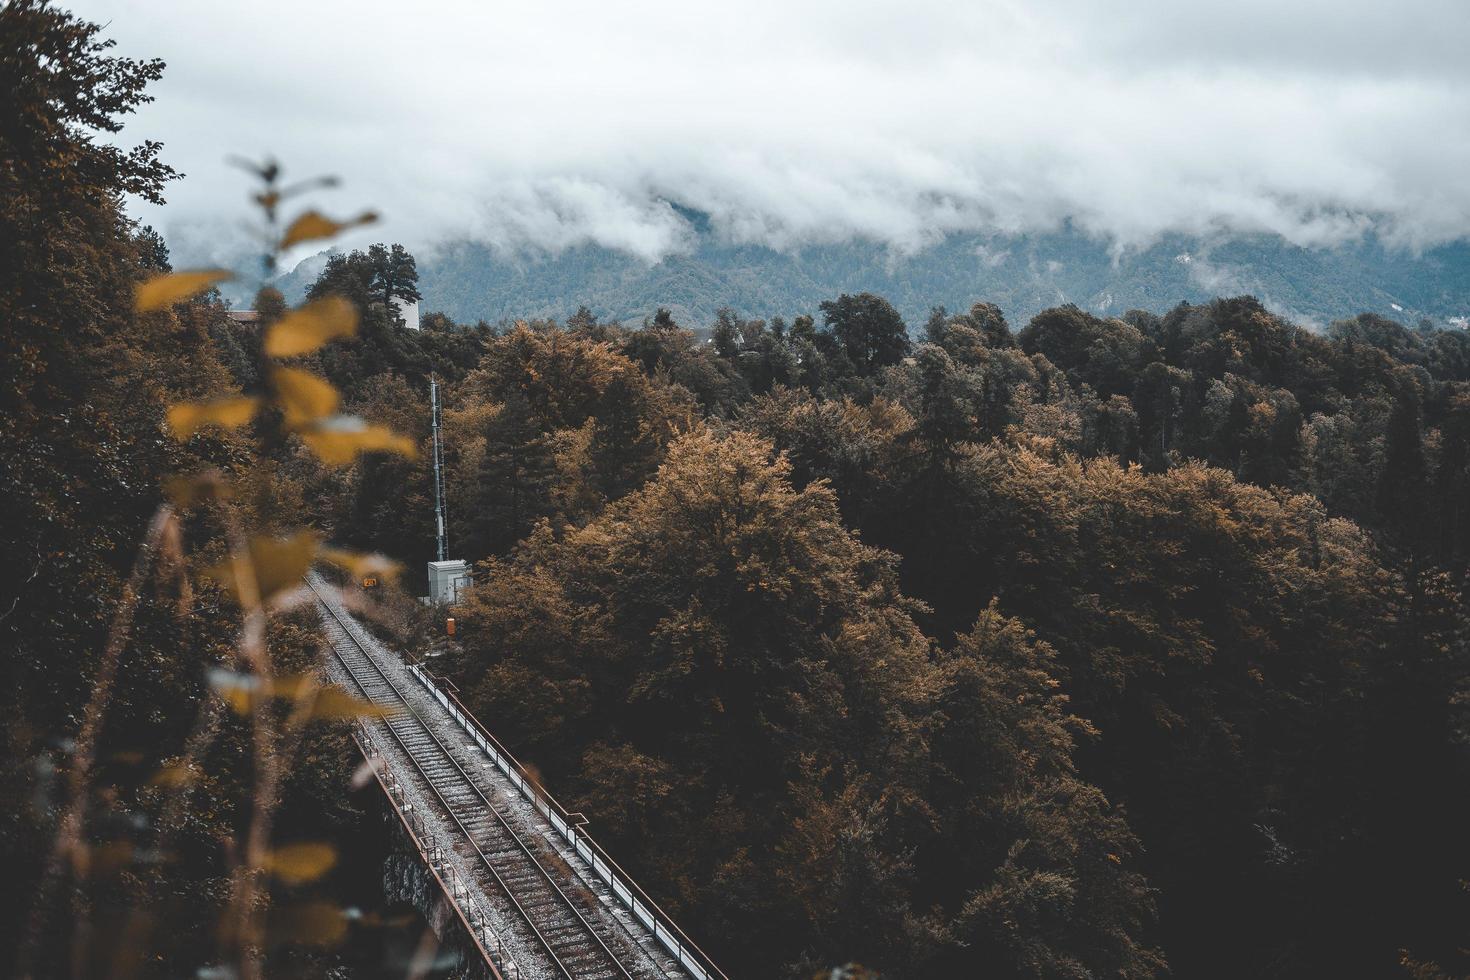 Bahngleise in der Nähe von Wald unter bewölktem Himmel foto